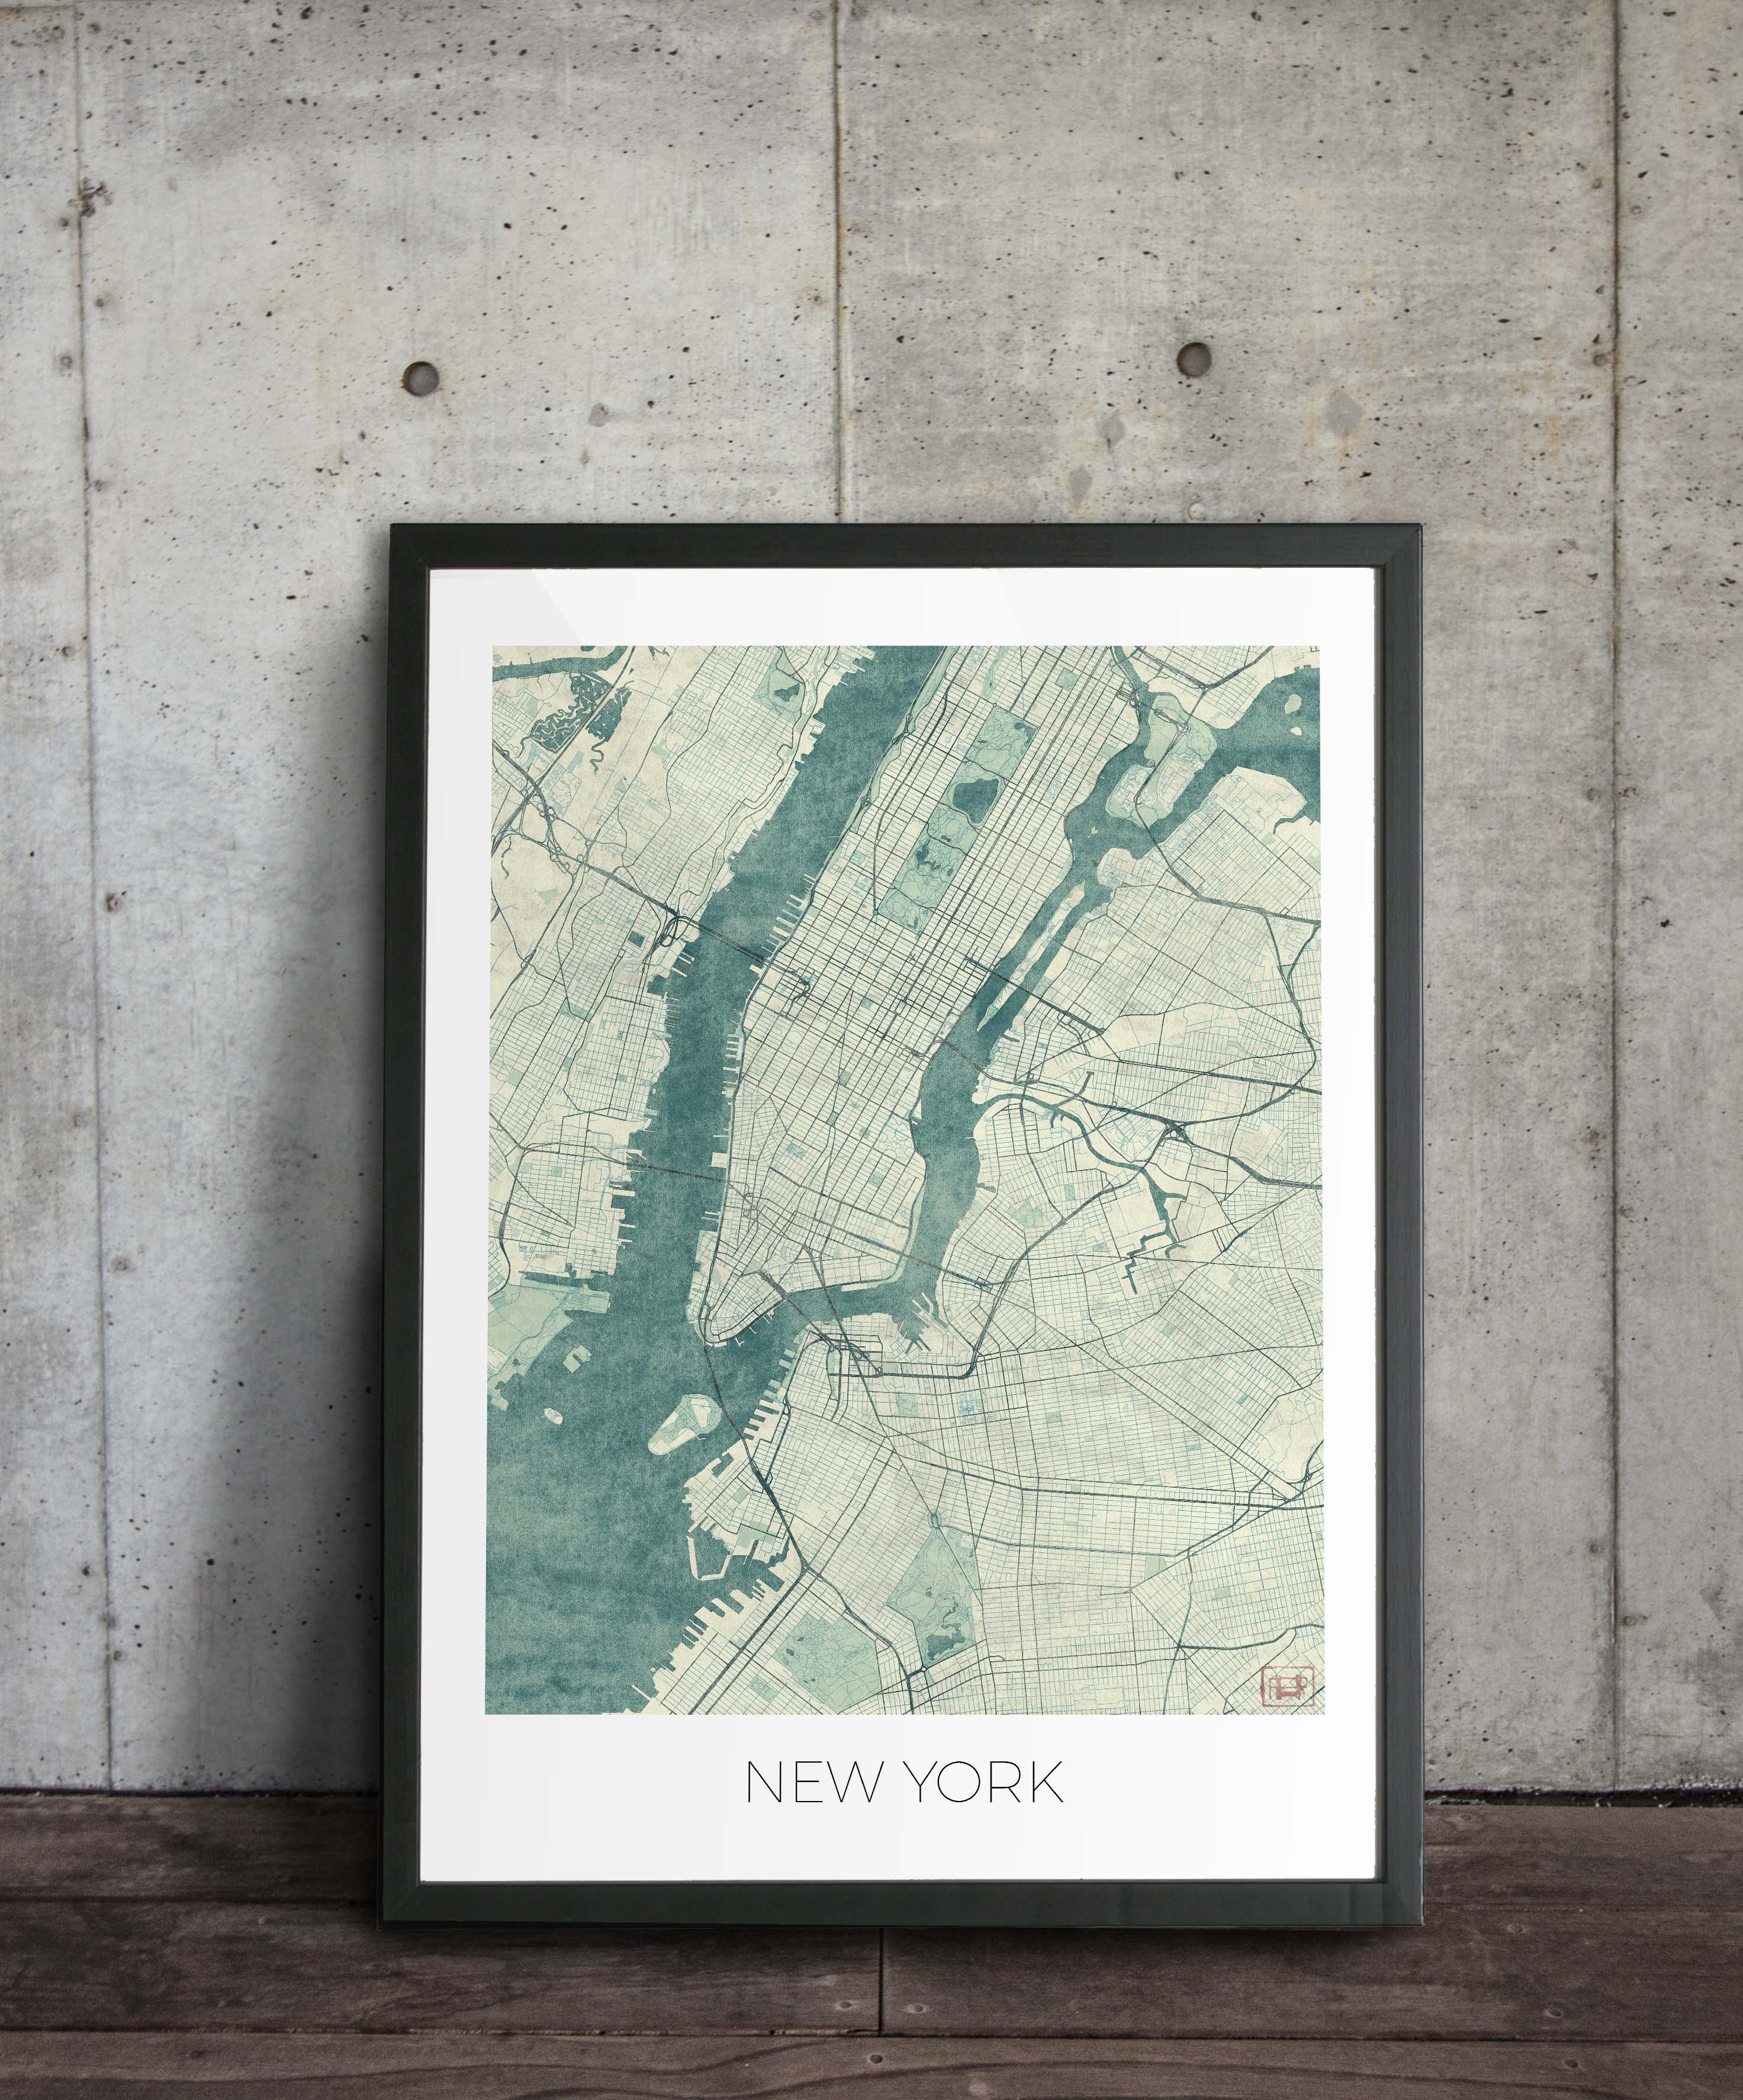 zdjęcie plakatu, opartego o ścianę przedstawiający Nowy York